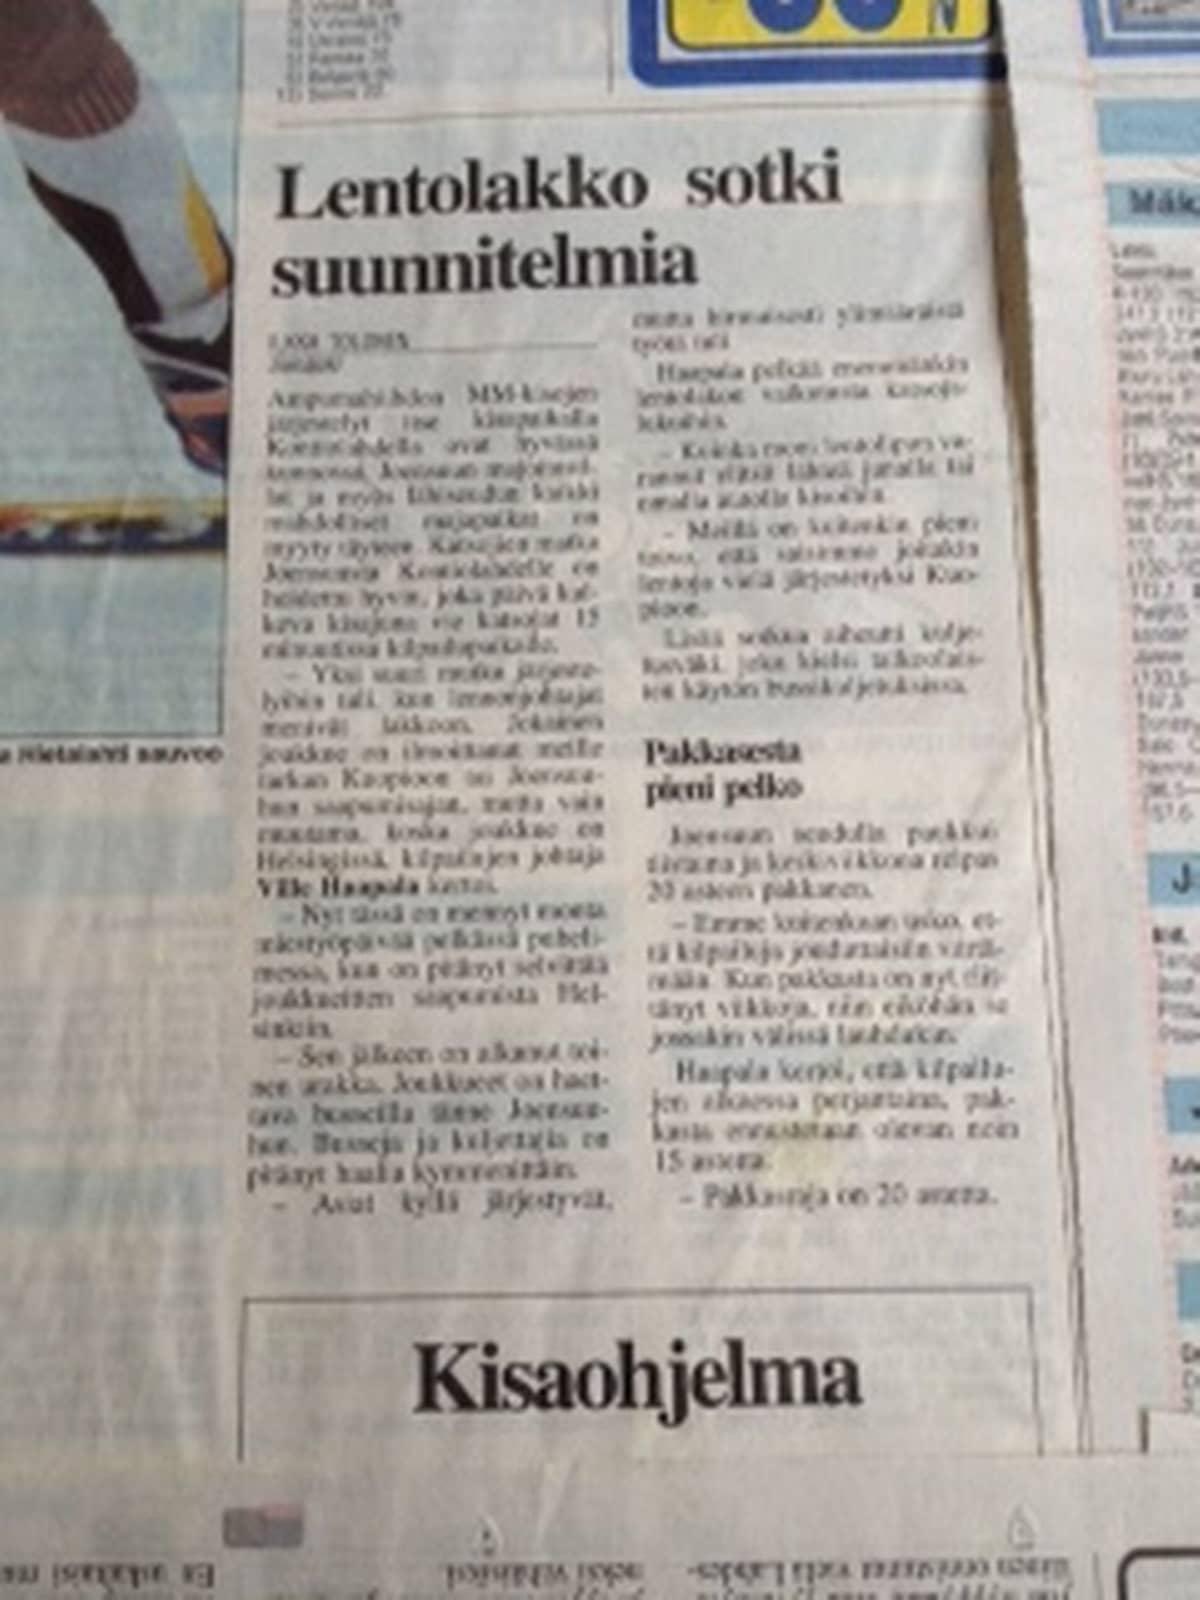 Sanomalehti Ilkan artikkeli 4.2.1999.